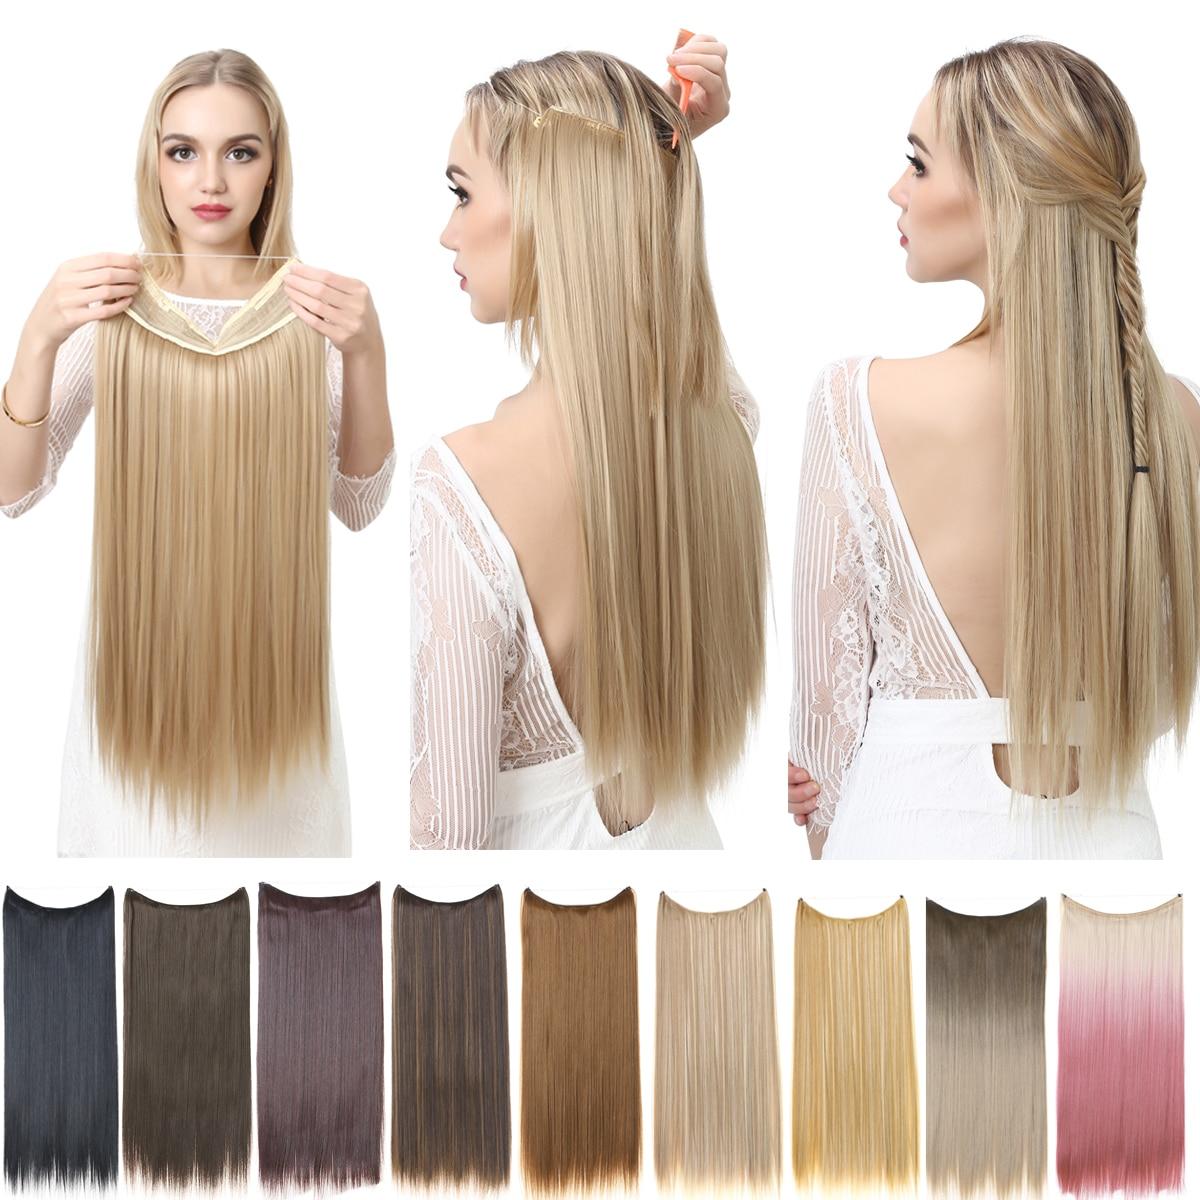 SARLA No Clip Halo Hair Extension Ombre sintetico artificiale naturale falso falso lungo corto dritto Hairpiece biondo per le donne